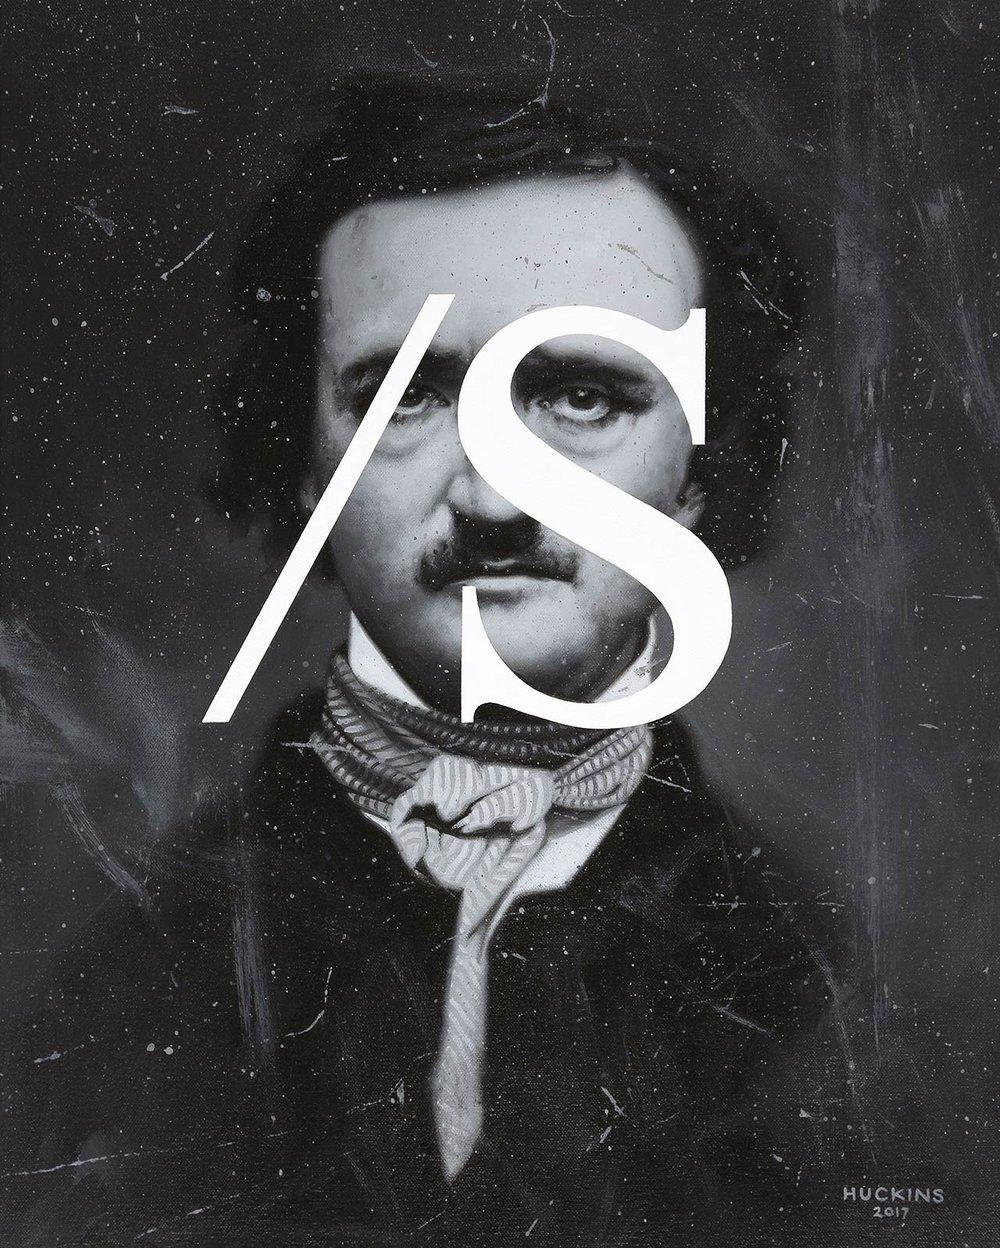 Edgar Allan Poe: Sarcasm Noted, 2017. Acrylic